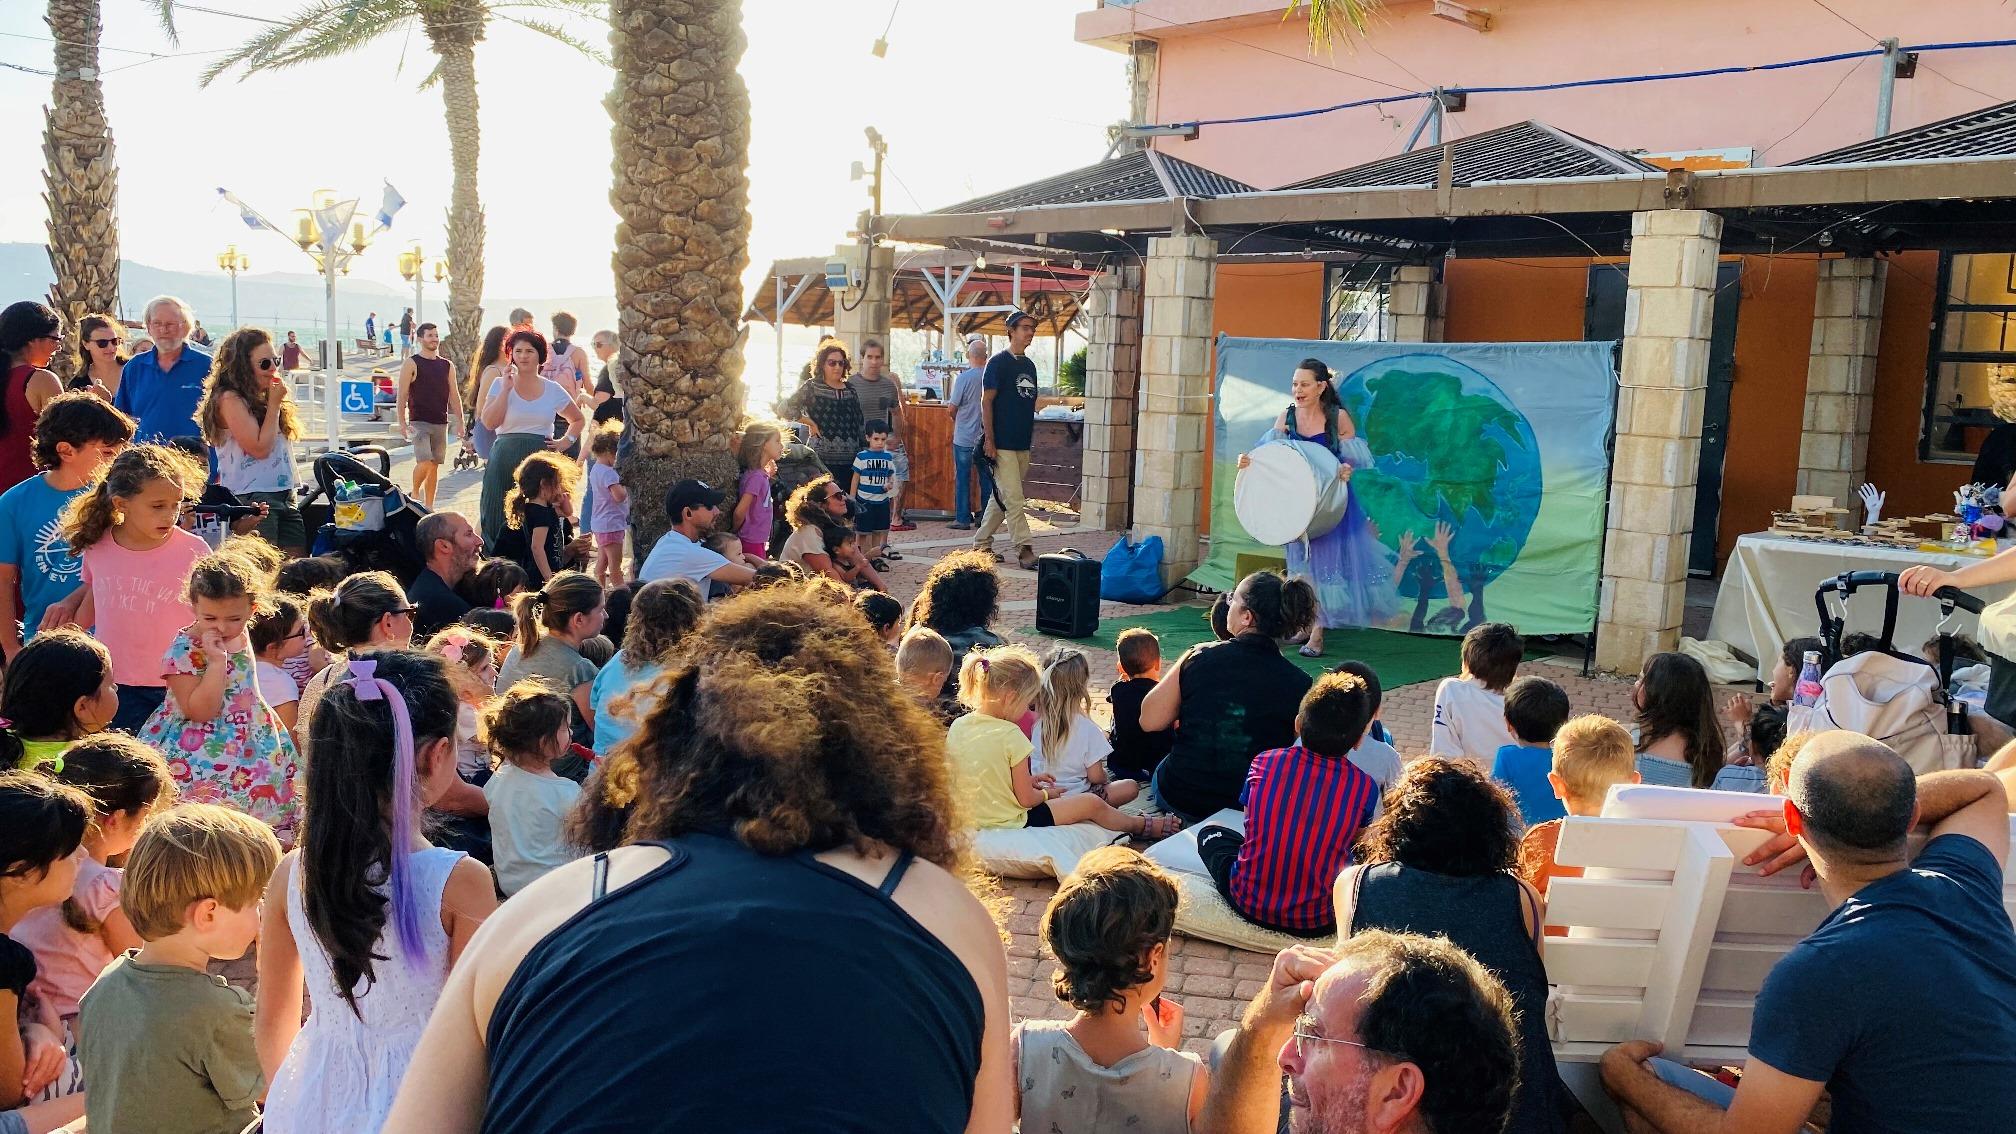 חמישי בנמל – חגיגת קיץ בנמל עין גב על שפת הכנרת הכניסה חופשית